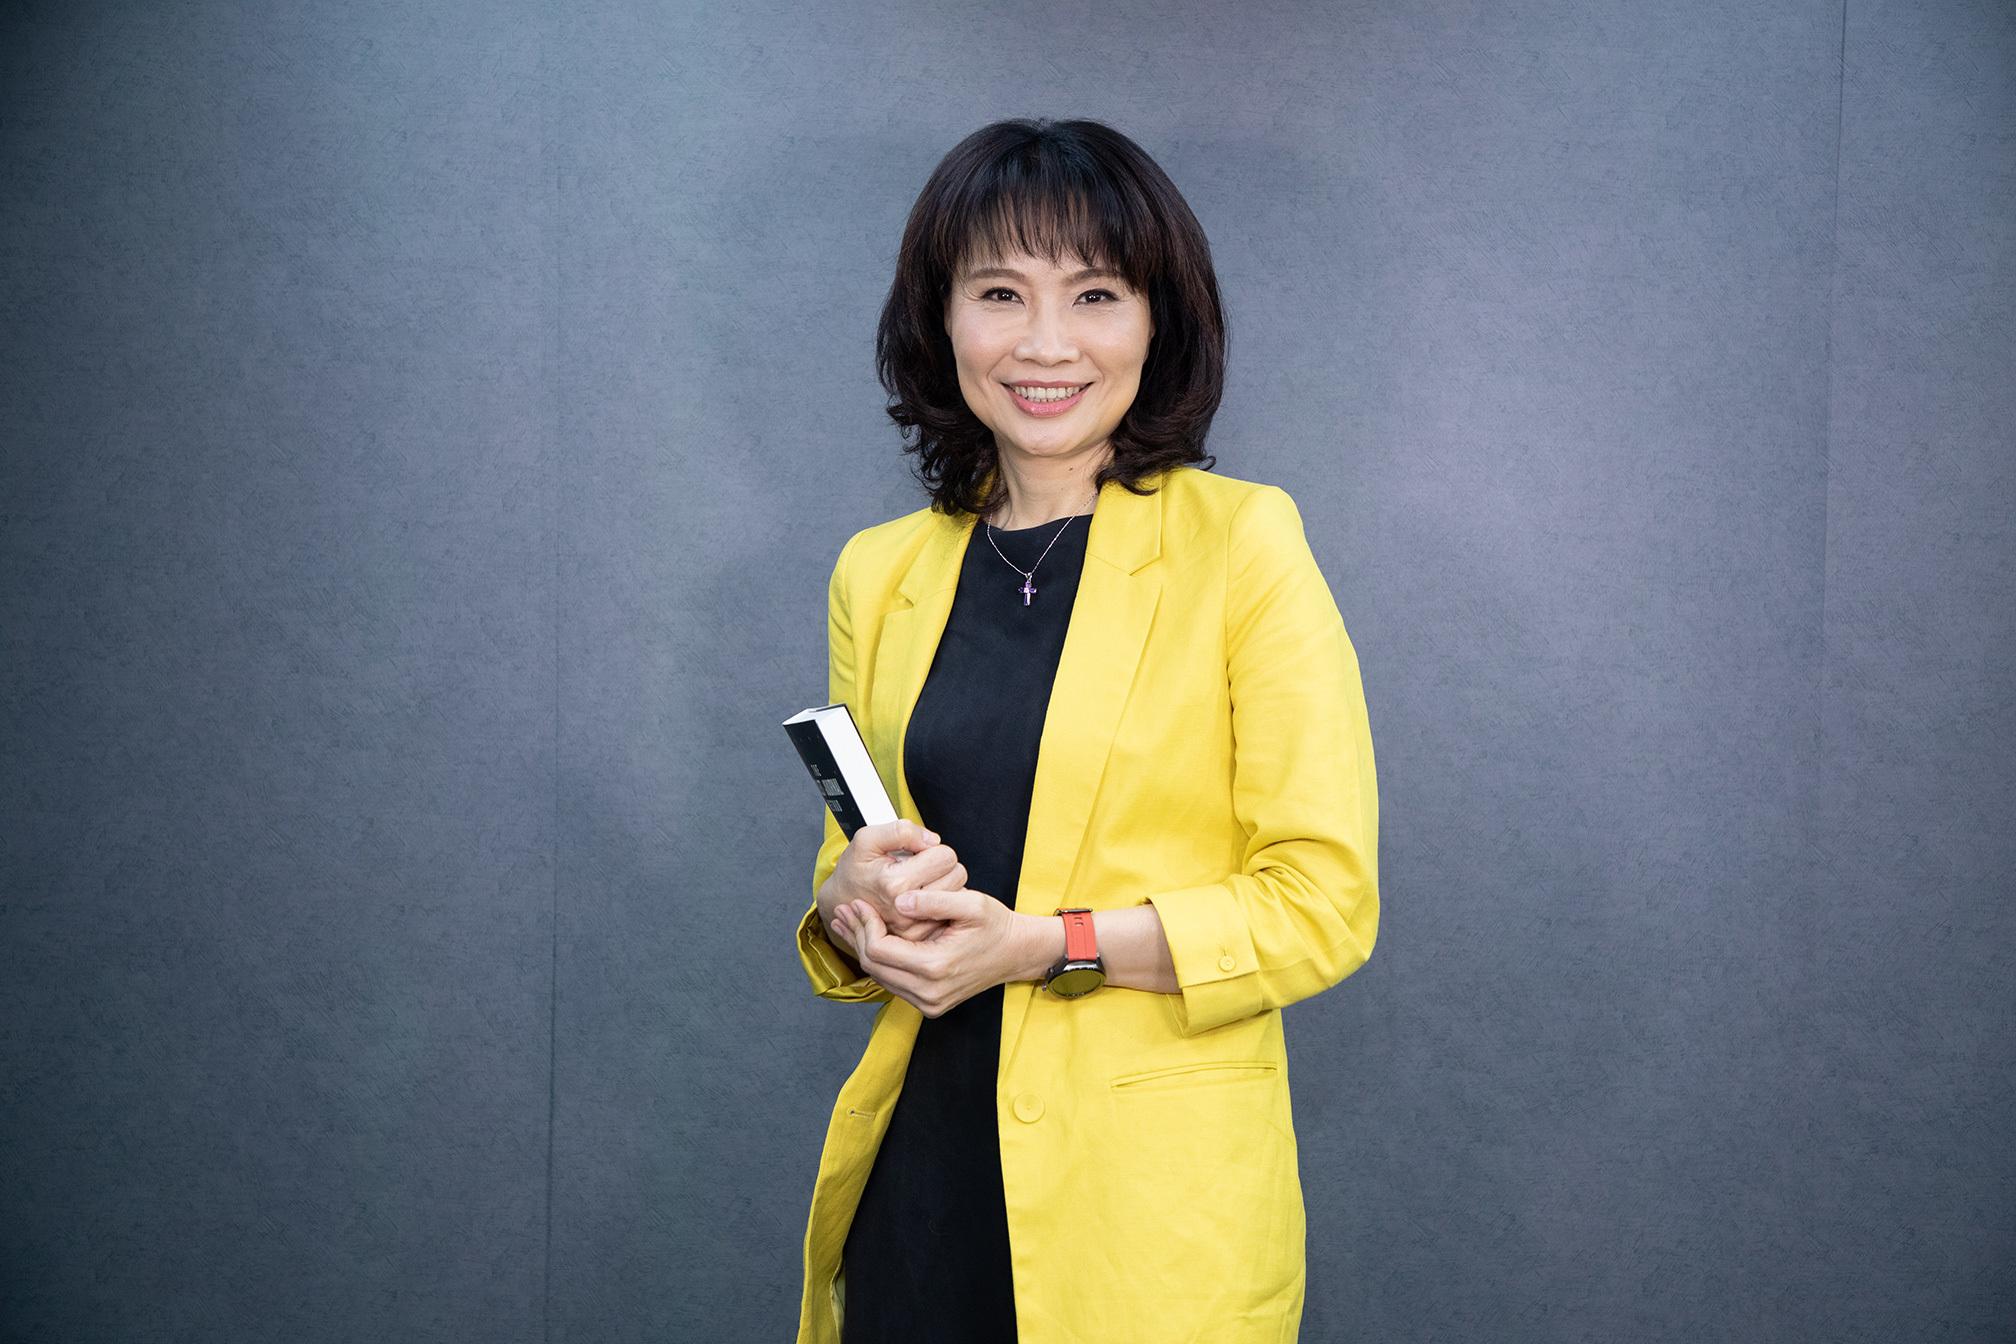 【三月主題】一年為自己創造52個改變的機會,說書人引領你前往人生的突破口-專訪資深評論員陳鳳馨